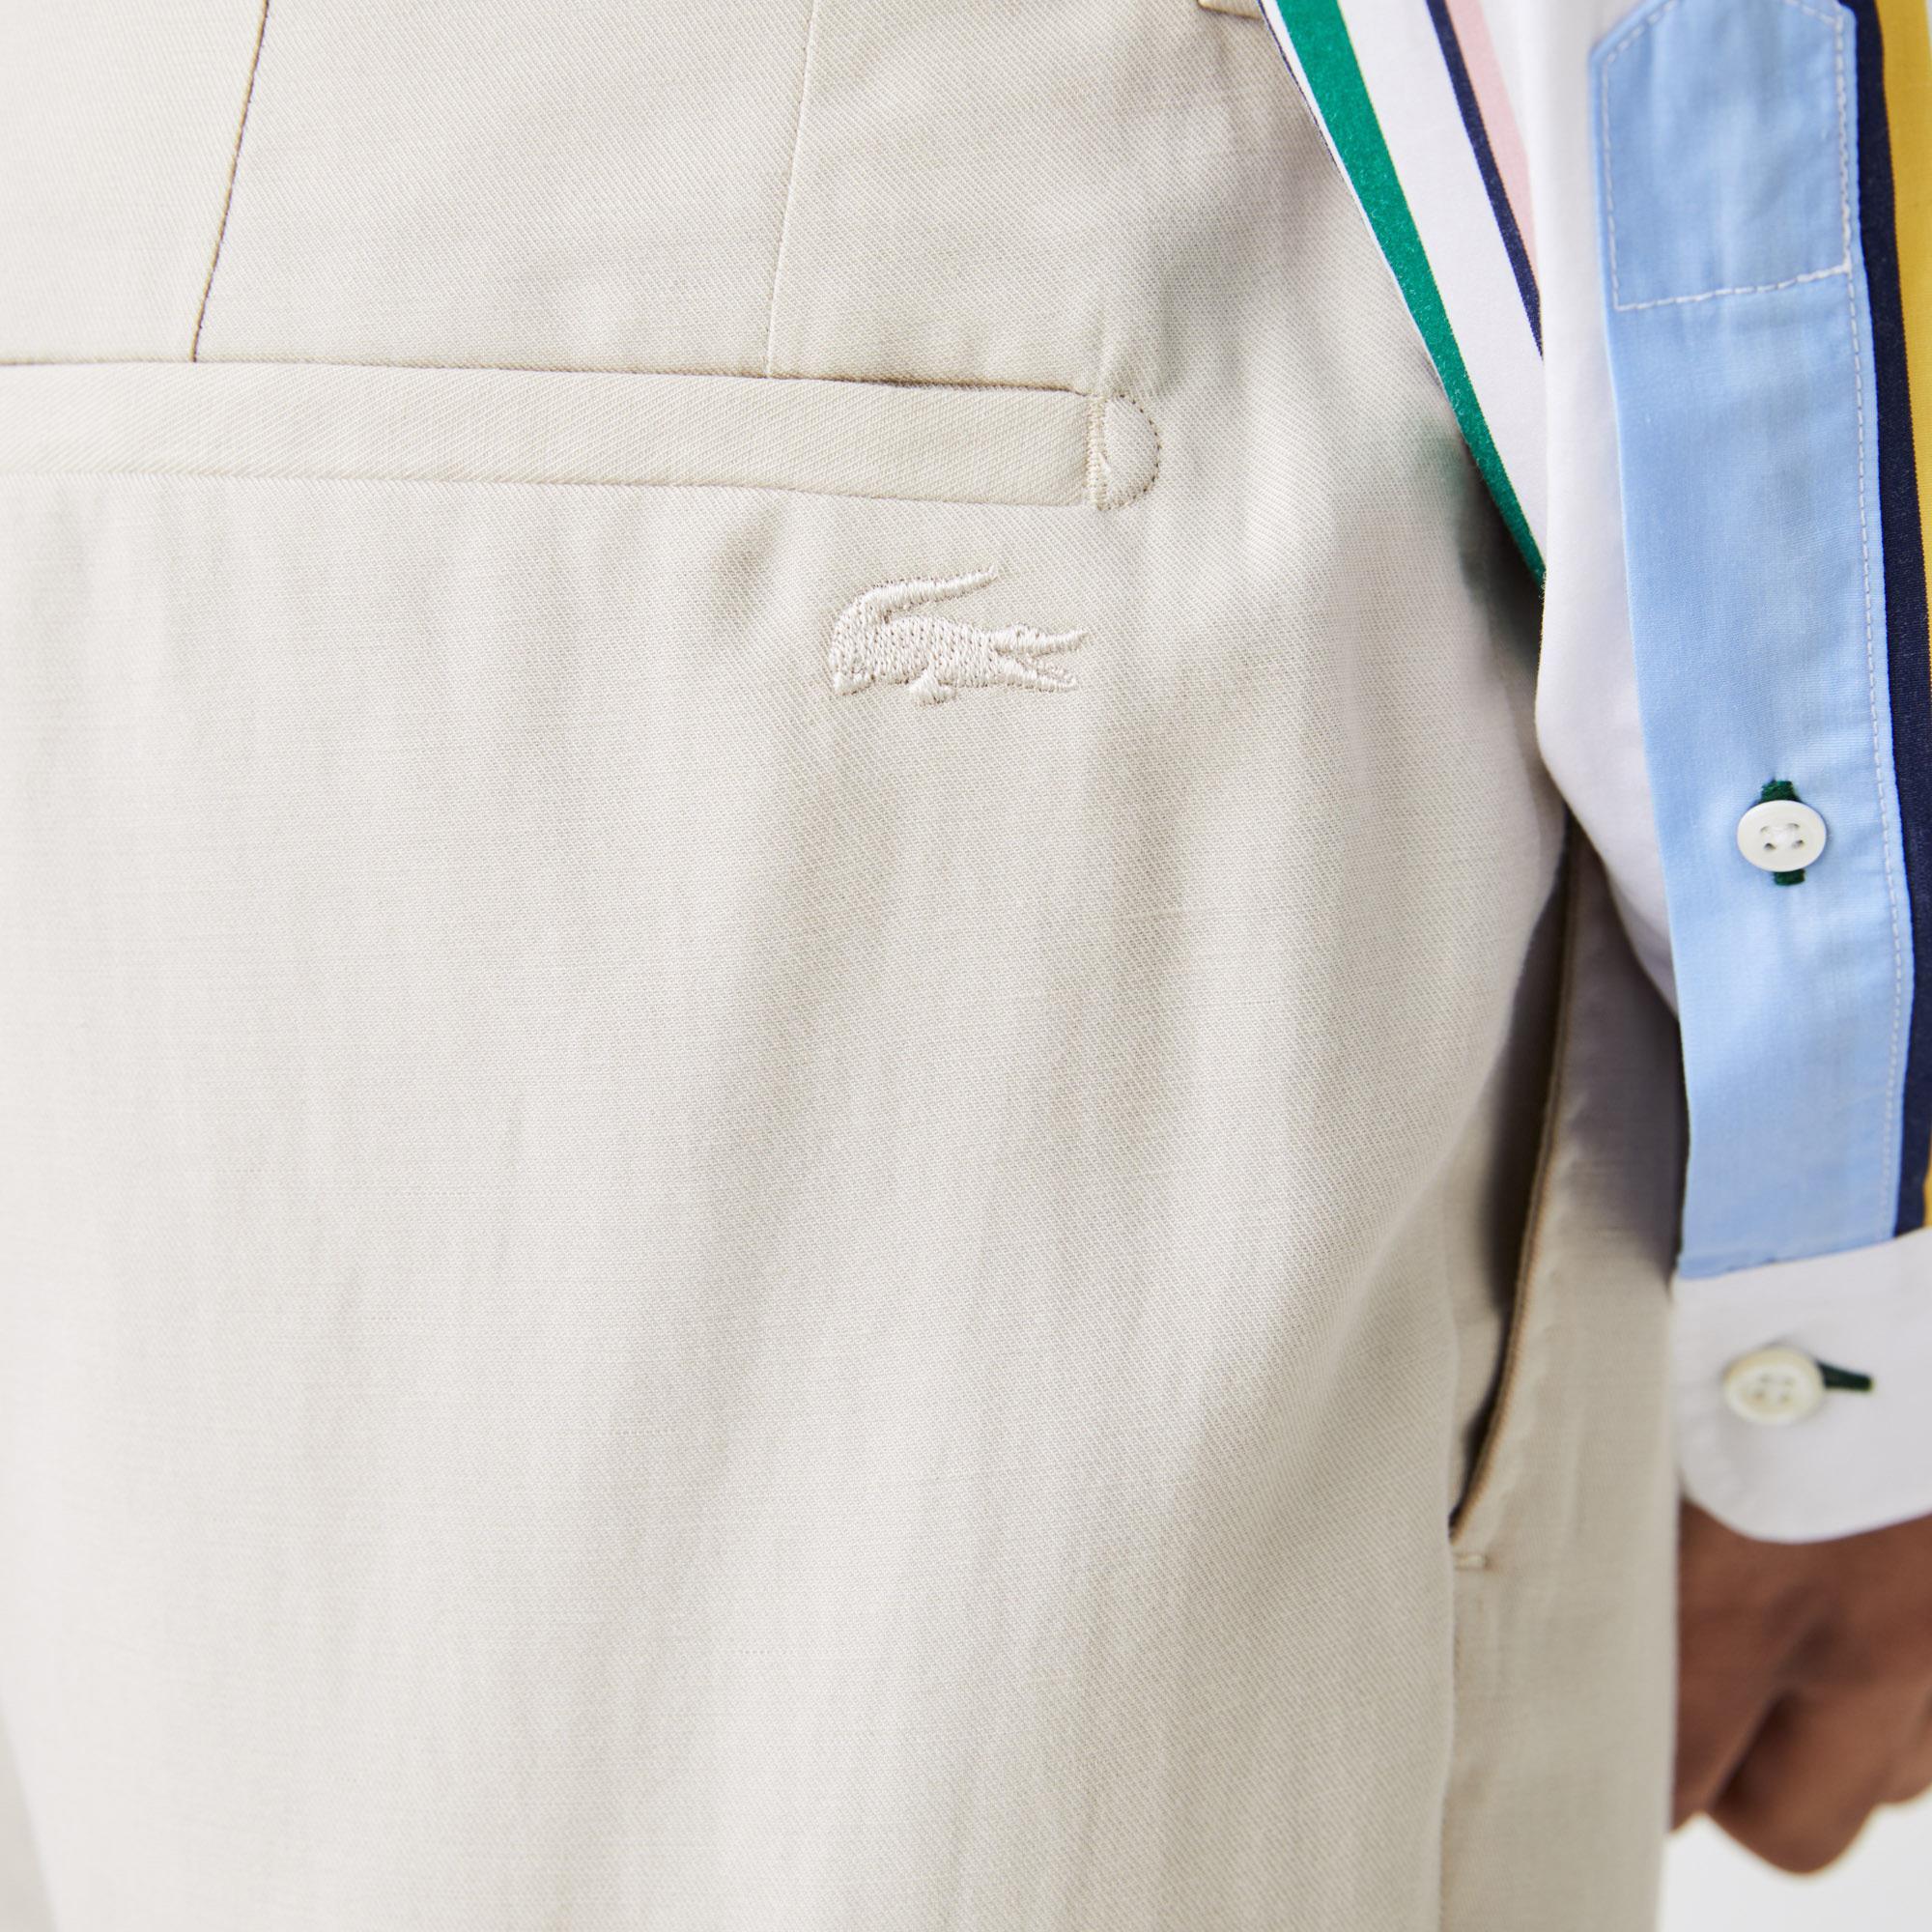 Lacoste Męskie spodnie Slim Fit z mieszanki bawełny i lnu